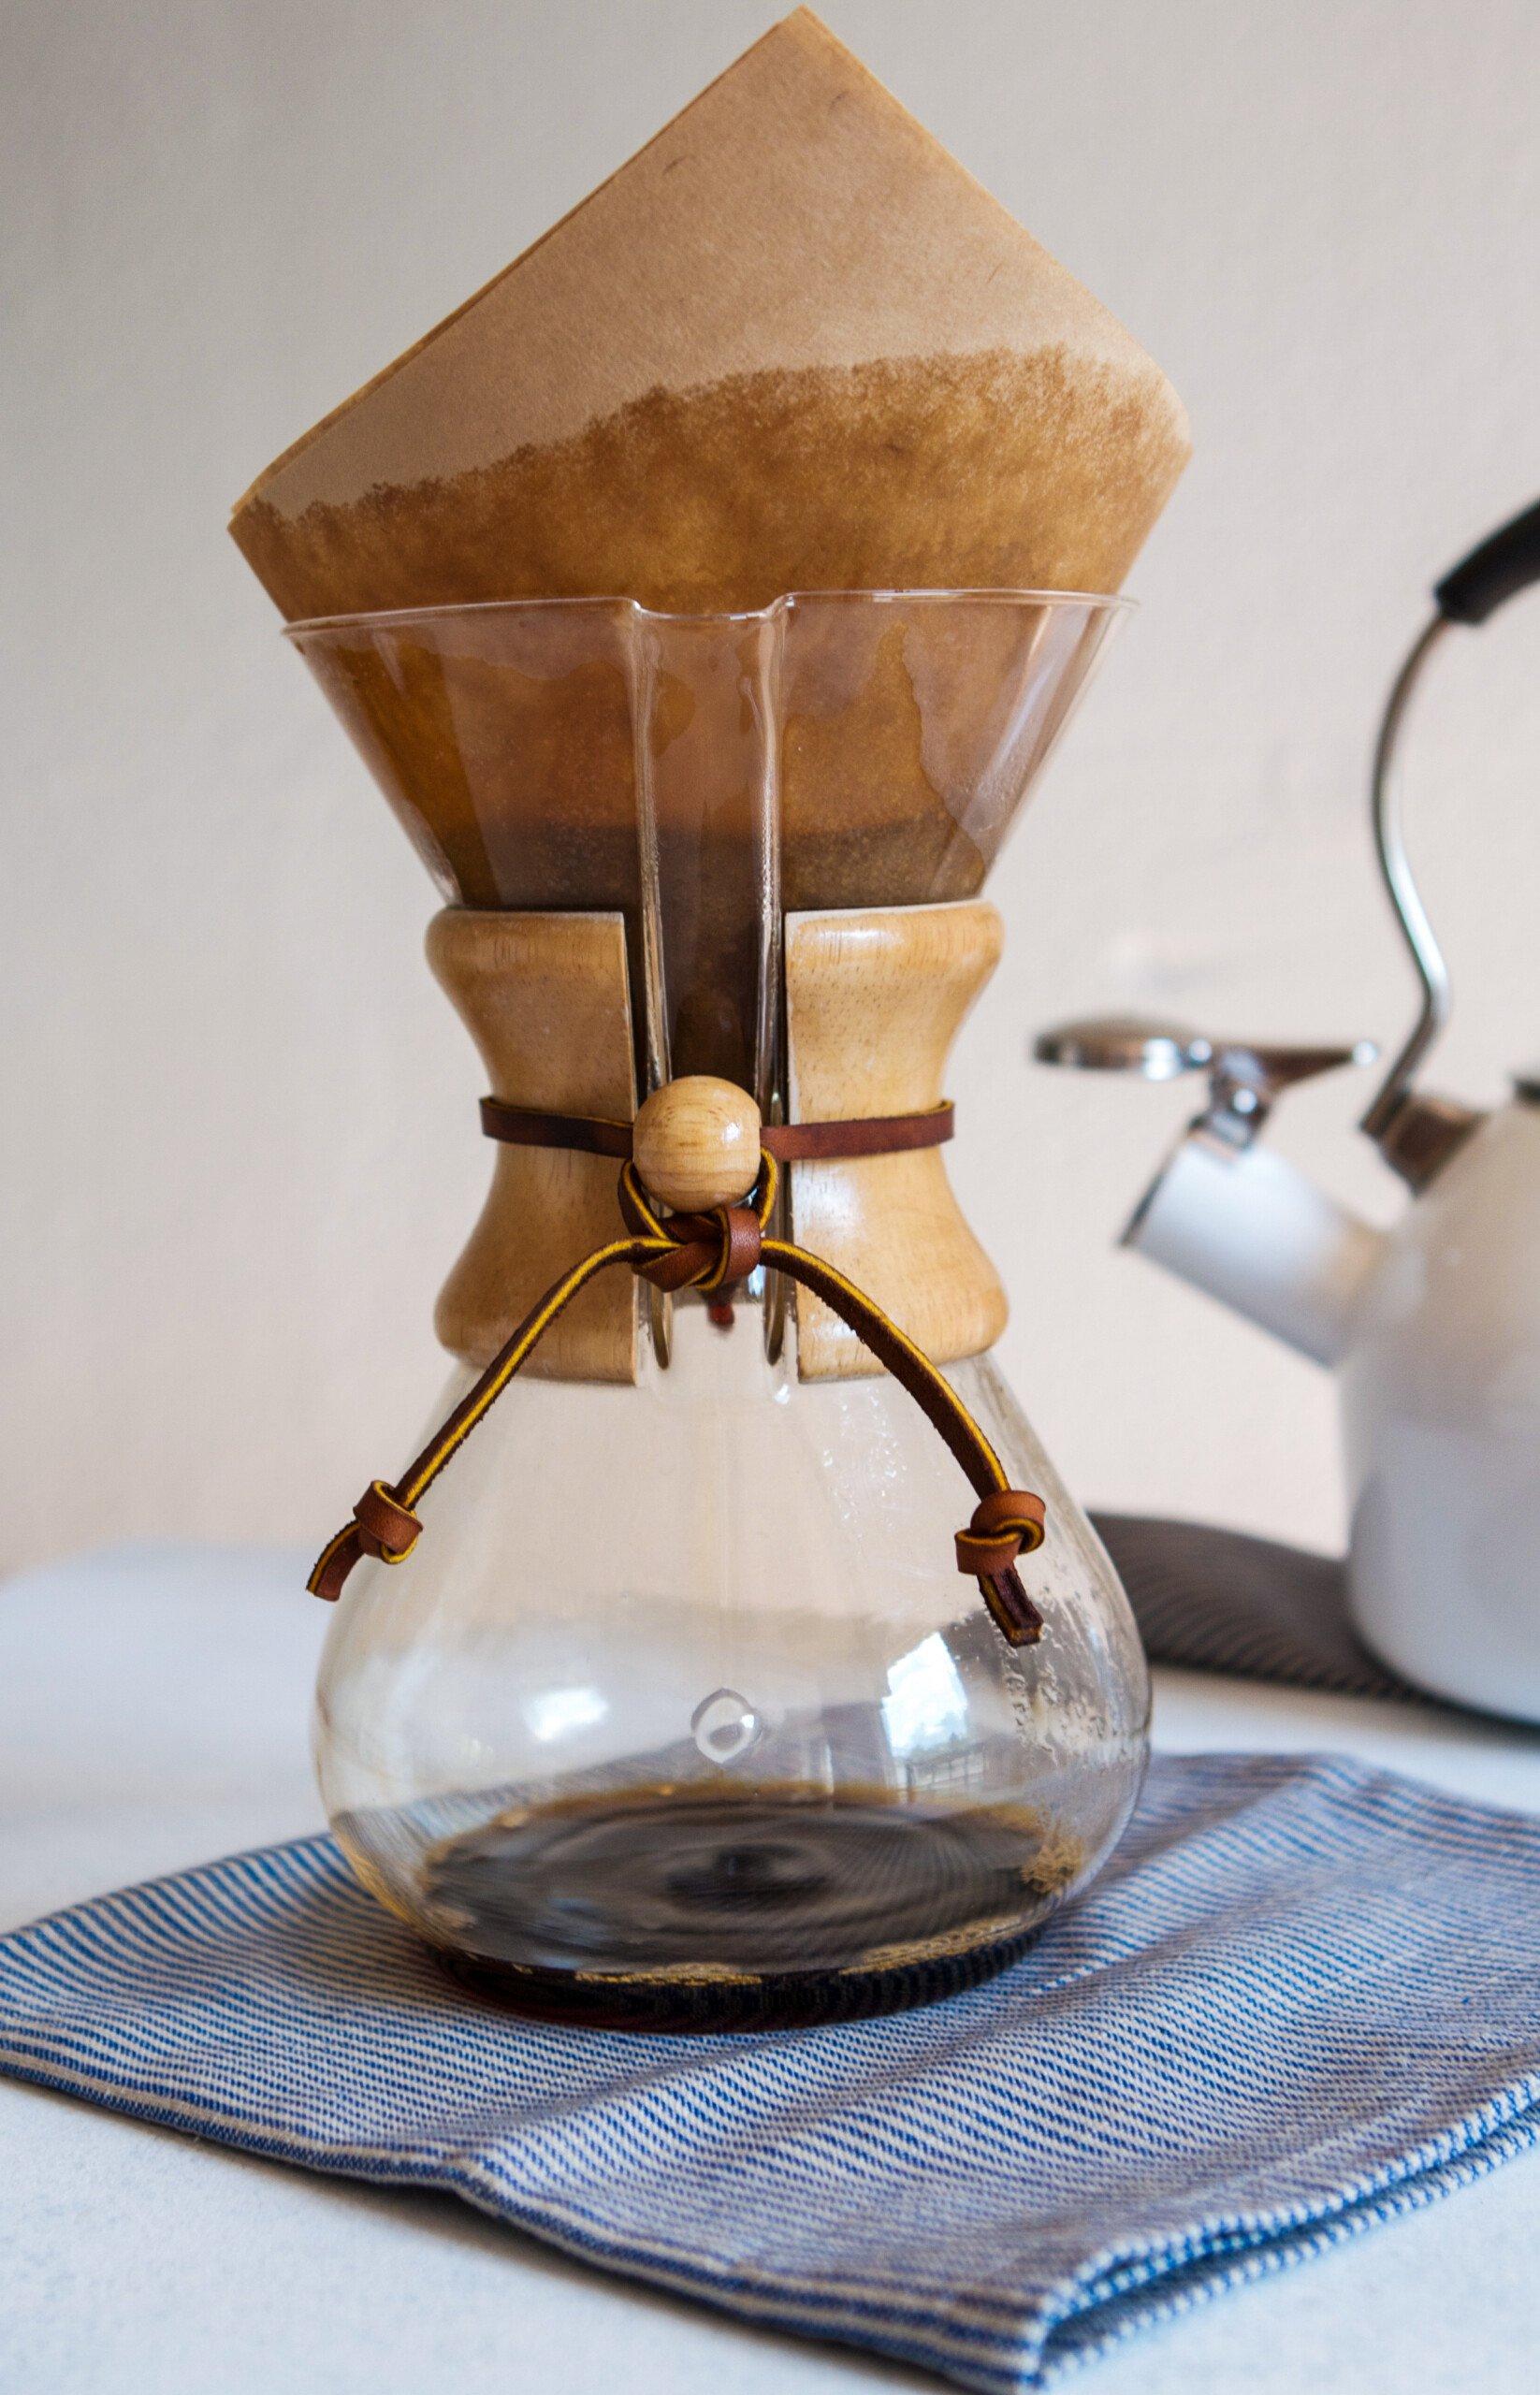 How to Brew Chemex Coffee | Zestful Kitchen